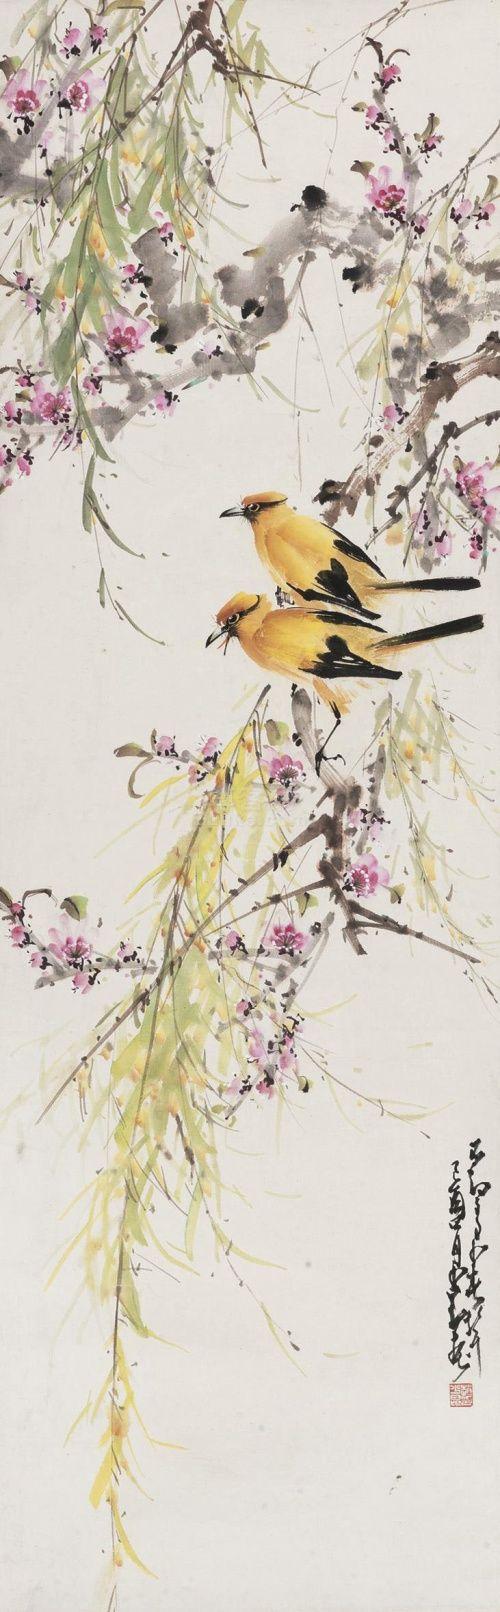 Zhao Shao'ang (1905-1998) (620 работ)                                                                                                                                                      More